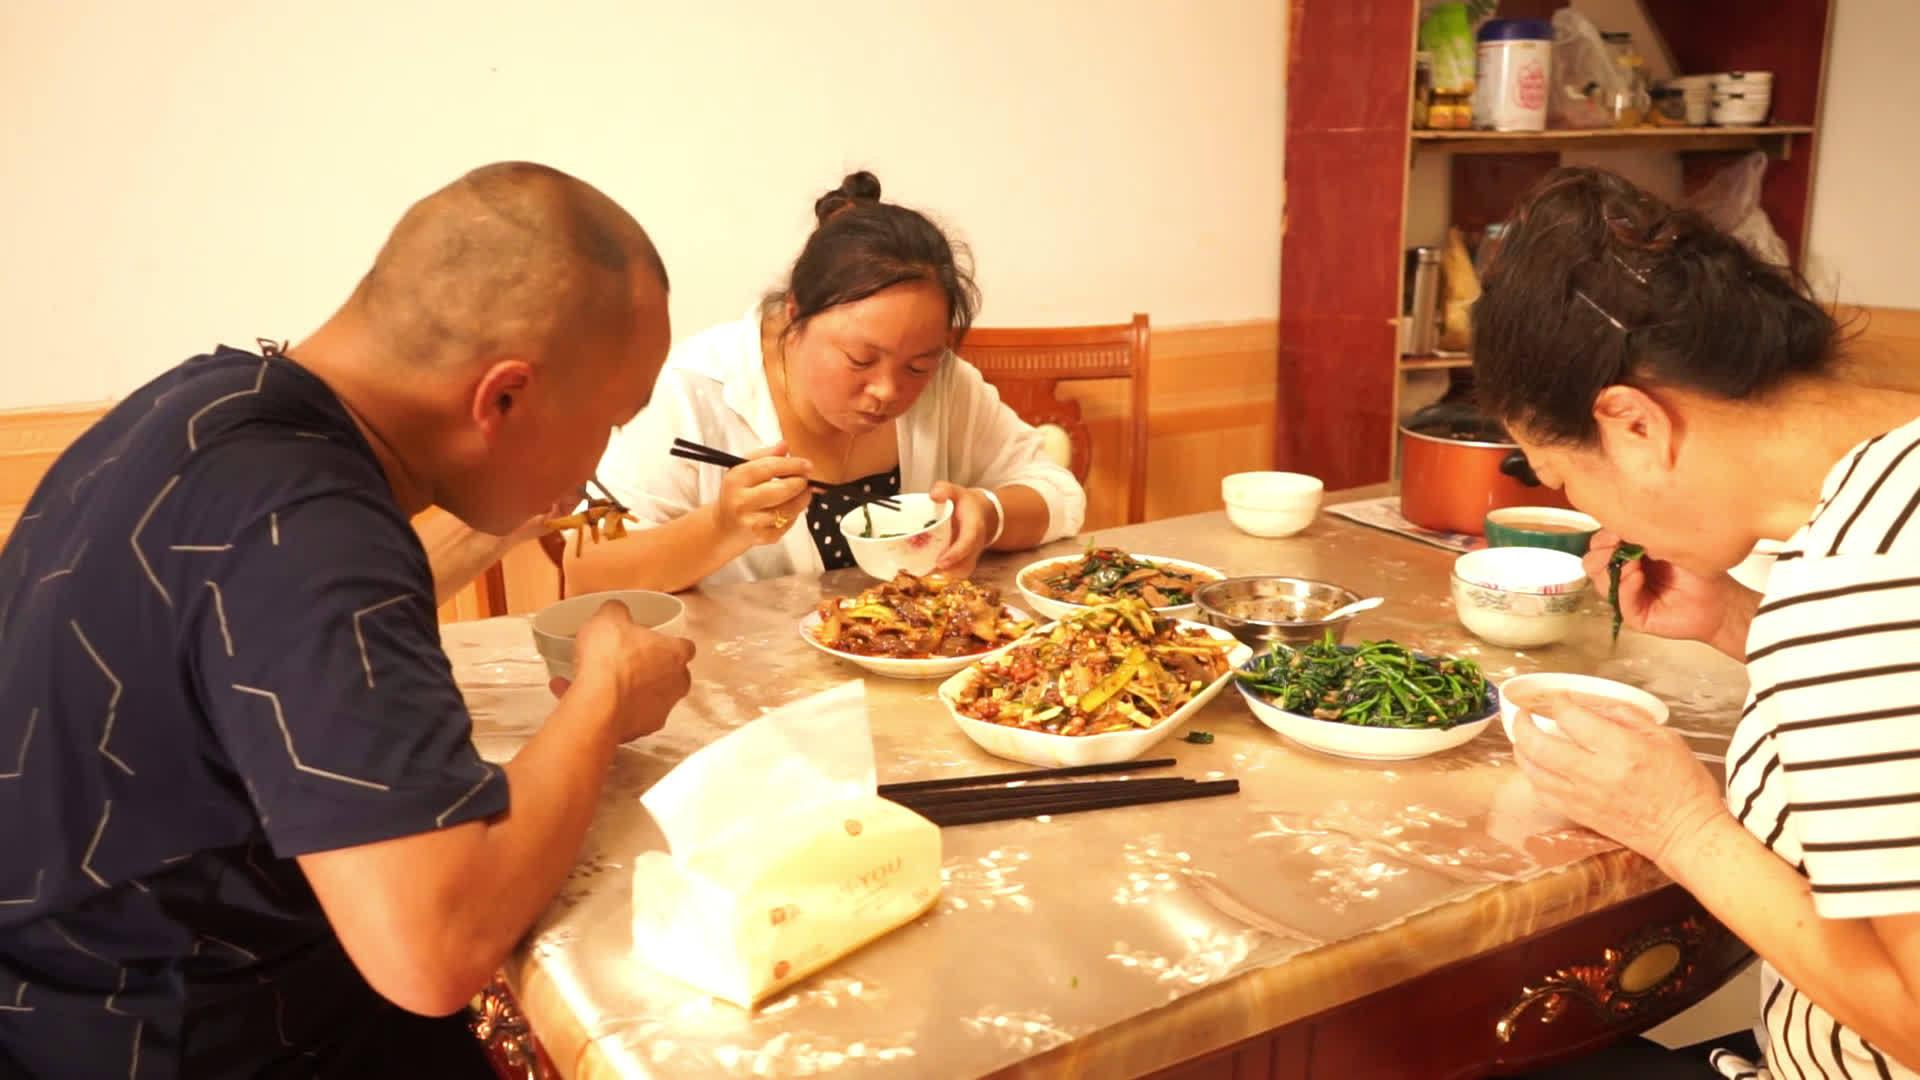 幺舅做的遂宁特色菜水烧腊,不用香料卤的凉菜,一家人都很爱吃